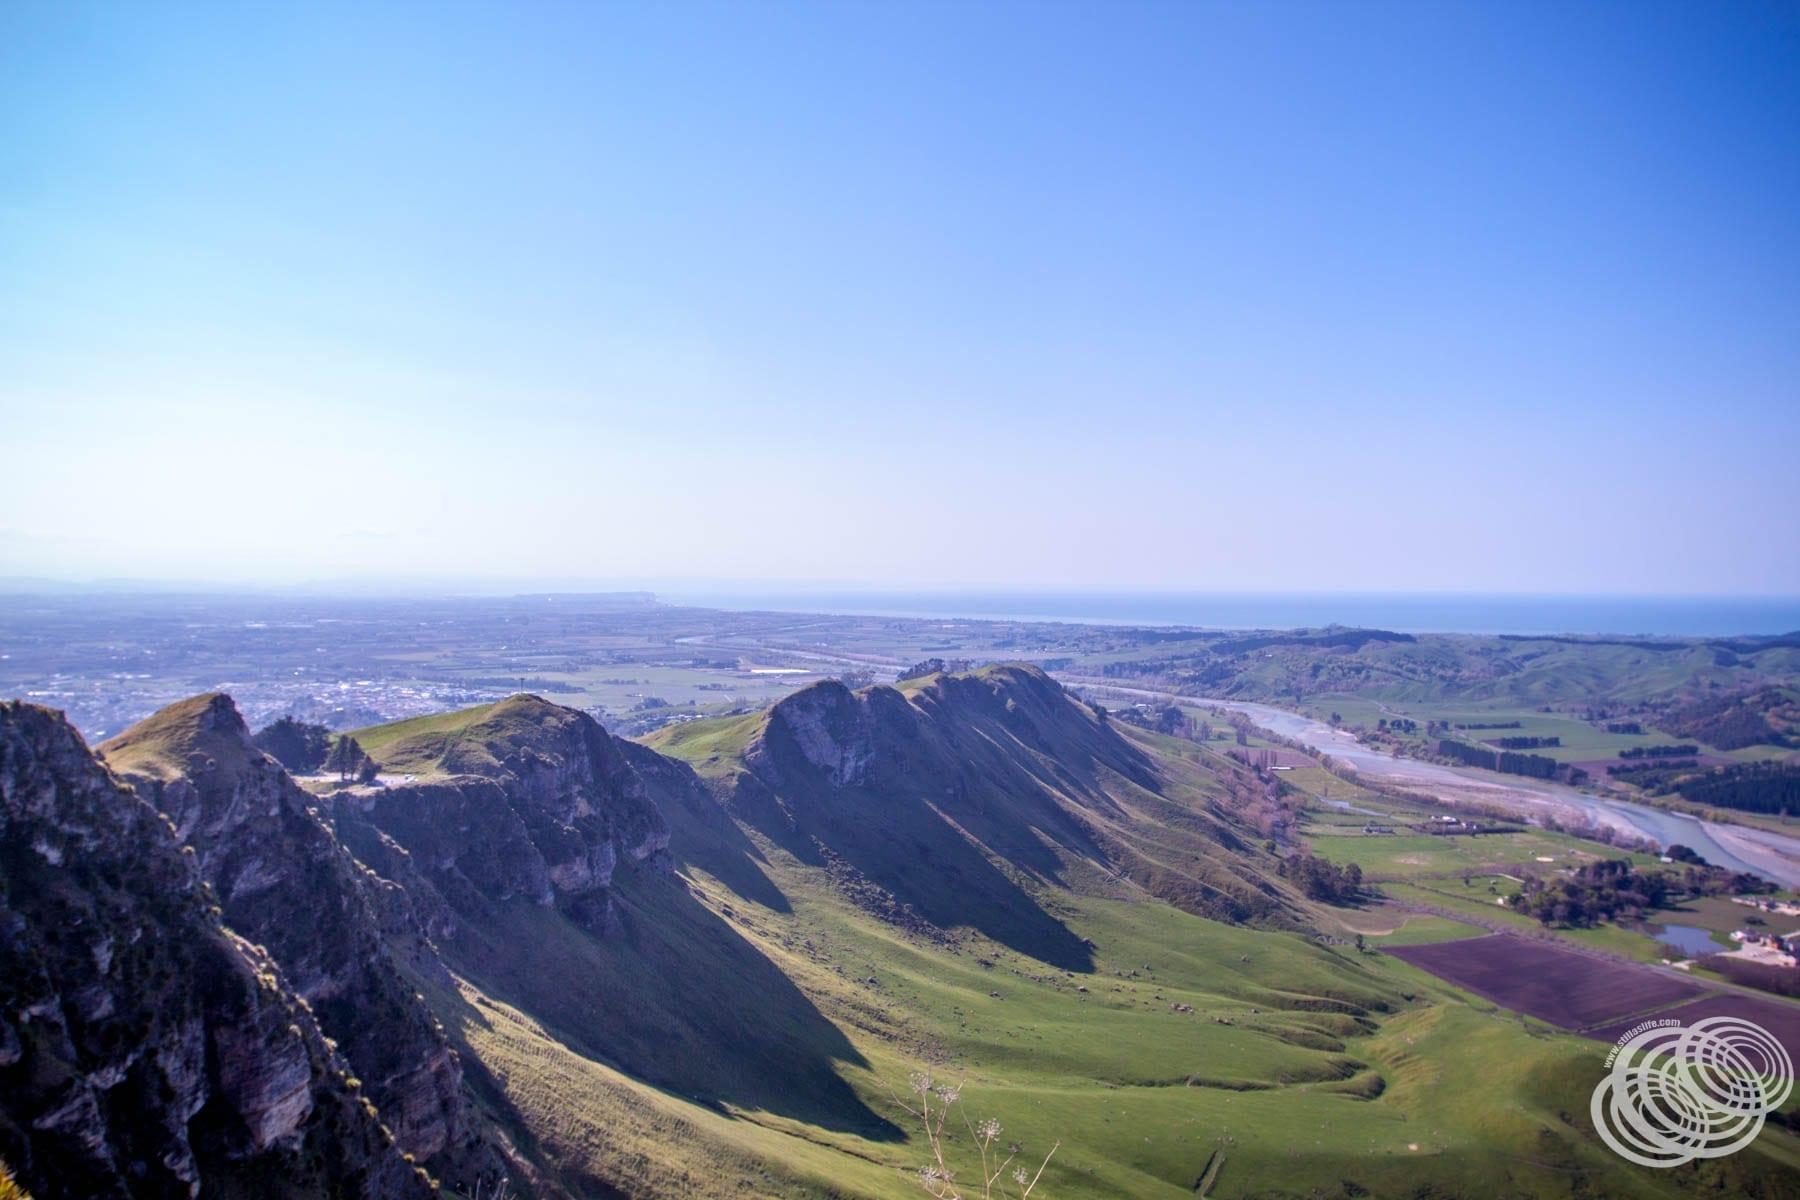 The view from Te Mata Peak